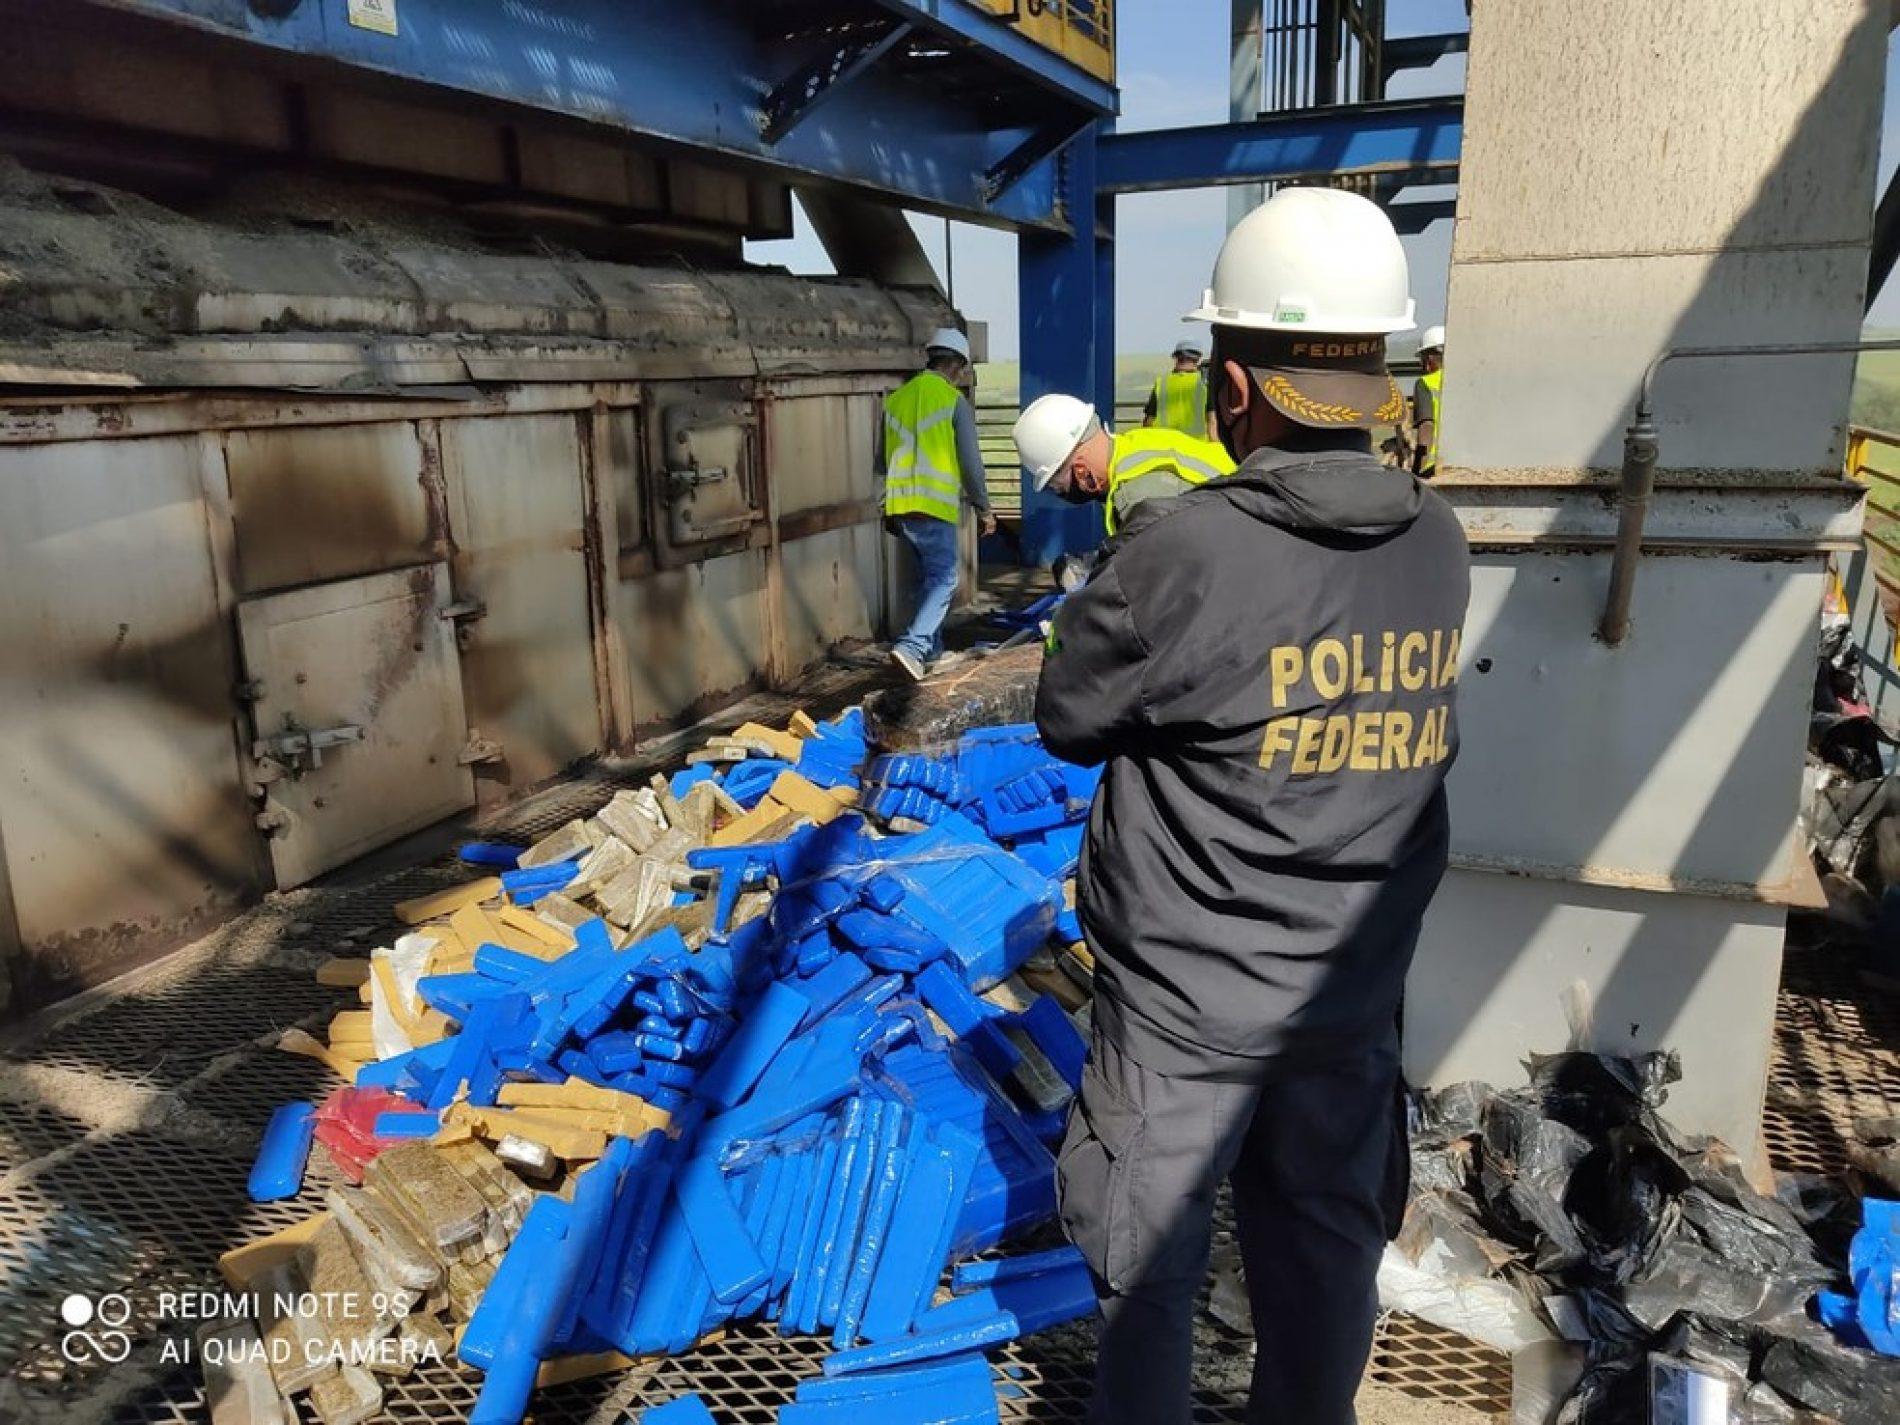 Polícia Federal de Rio Preto incinera mais de sete toneladas de drogas